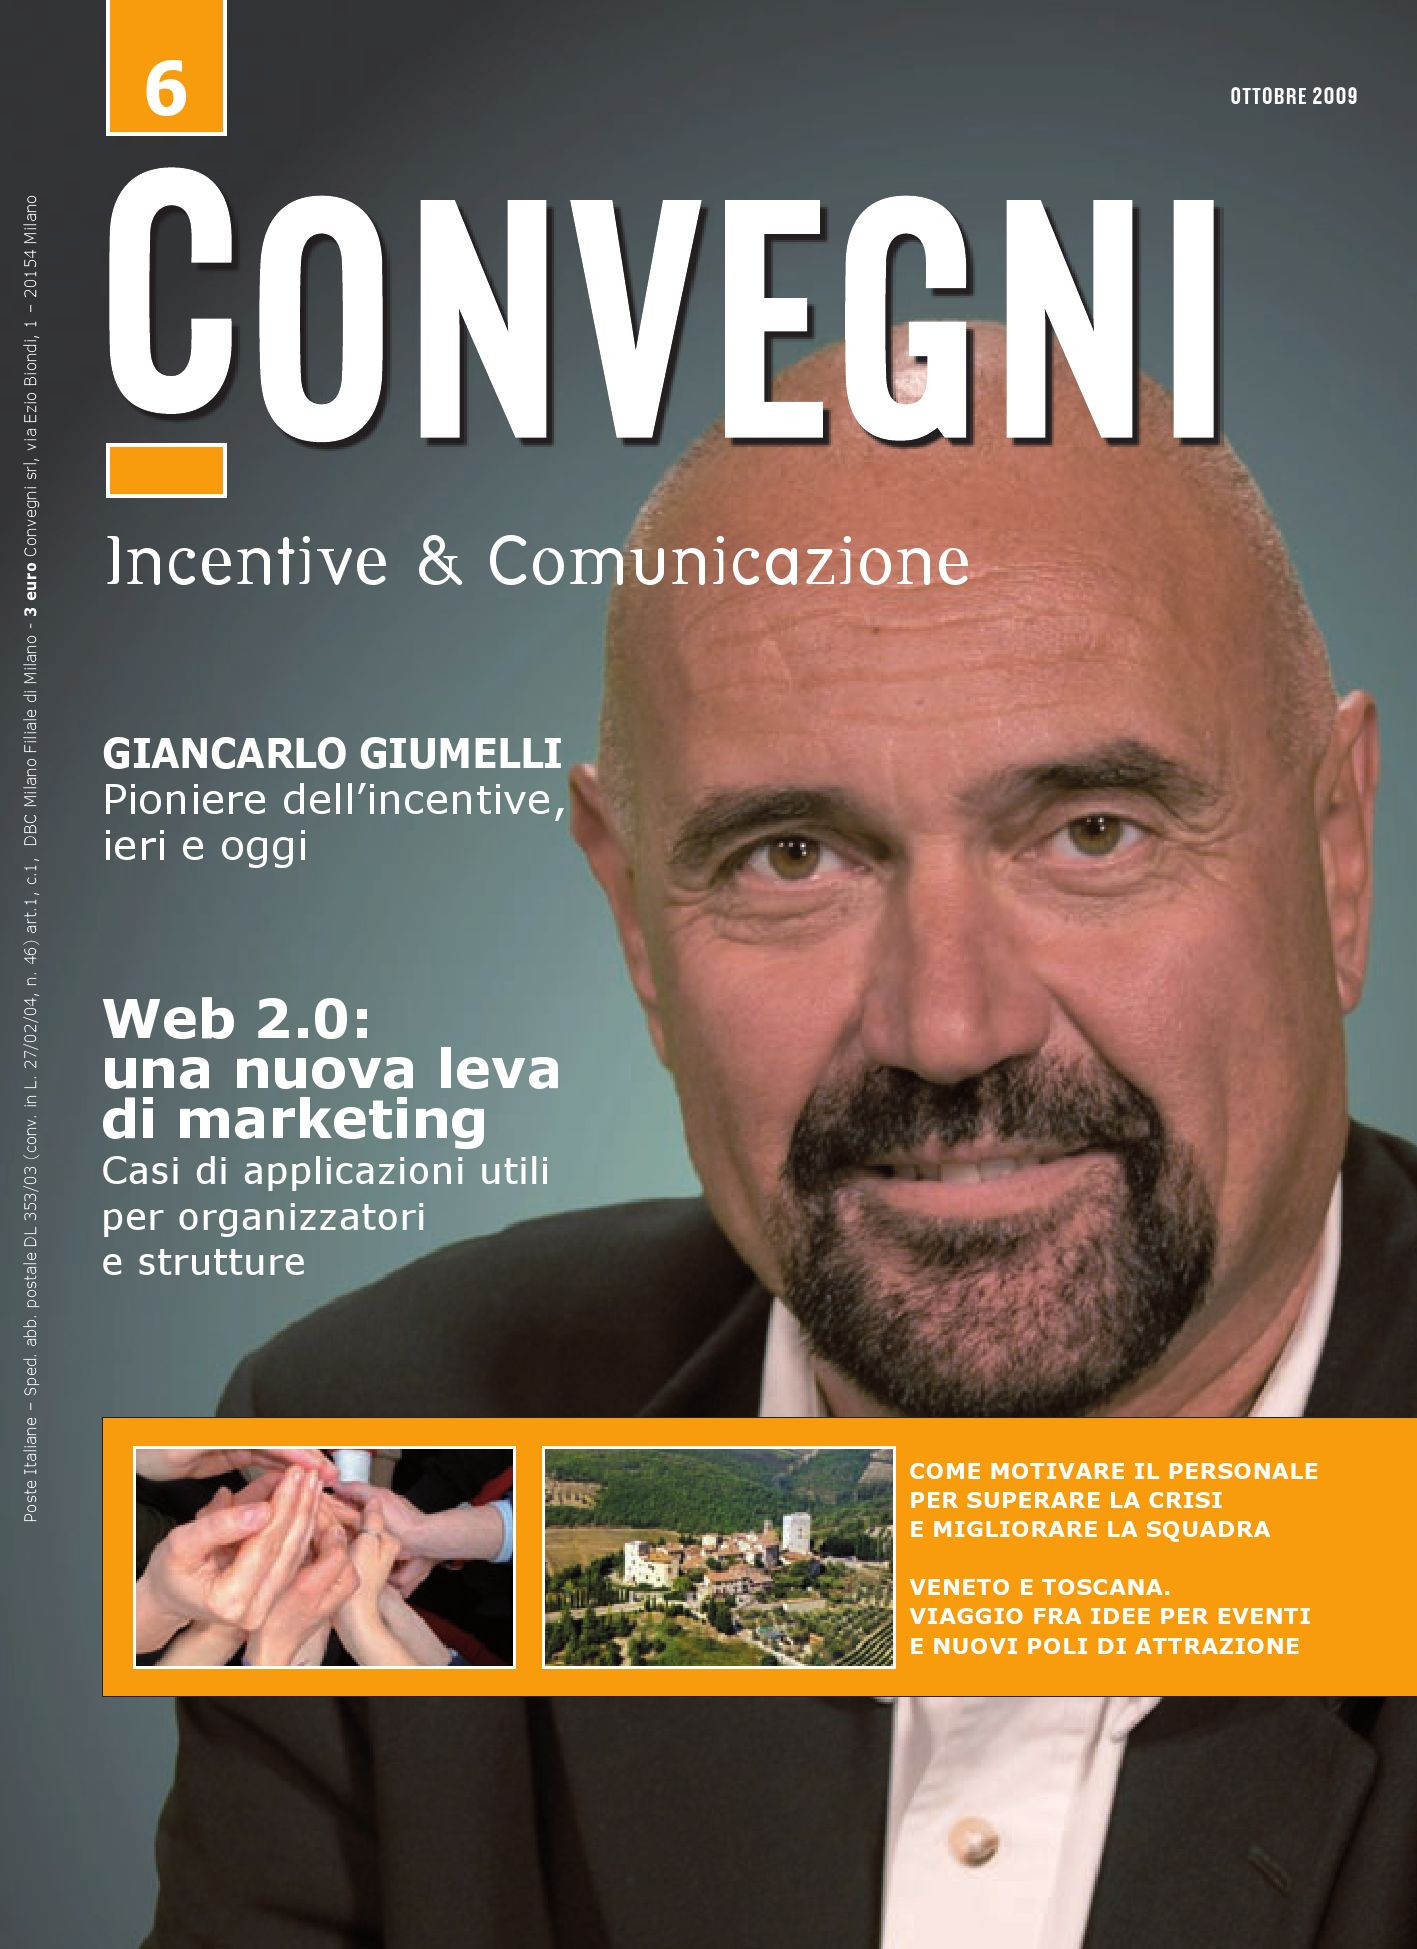 Convegni Ottobre 2009 by Convegni - issuu f751b46fbb9